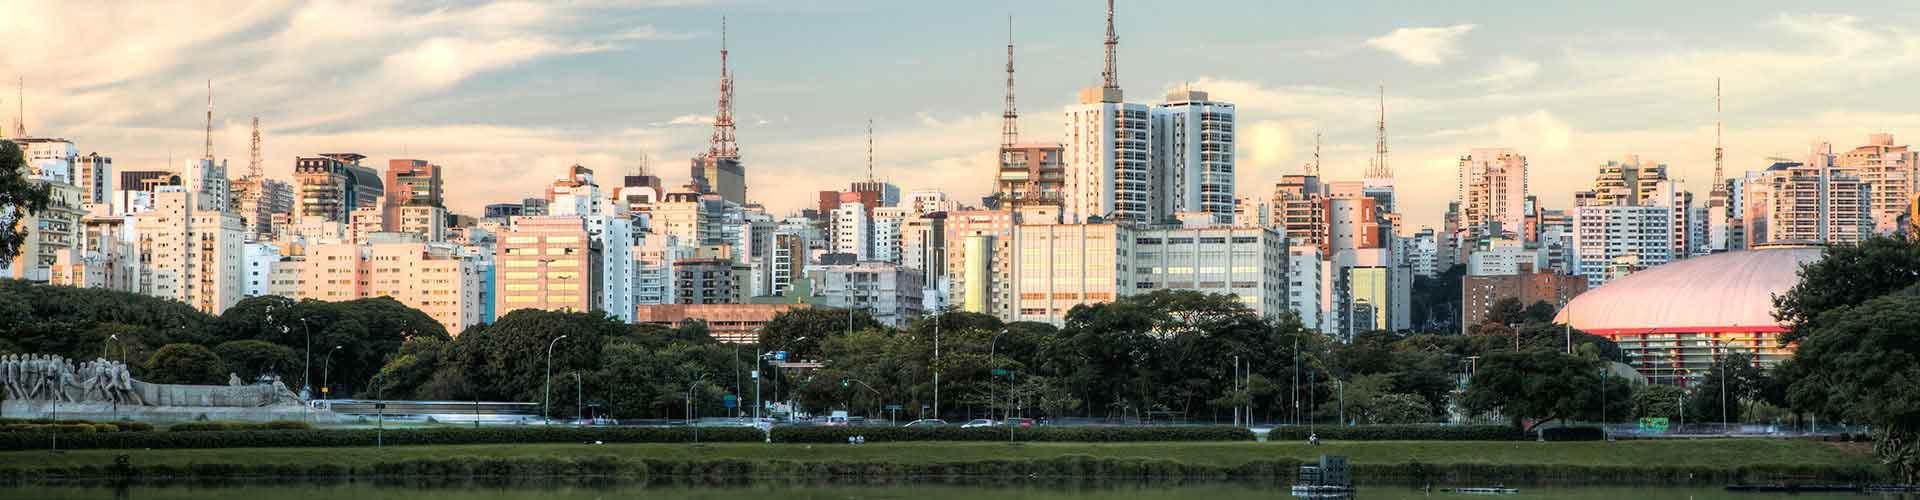 Sao Paulo - Auberges de jeunesse dans le quartier de Tatuapé. Cartes pour Sao Paulo, photos et commentaires pour chaque auberge de jeunesse à Sao Paulo.